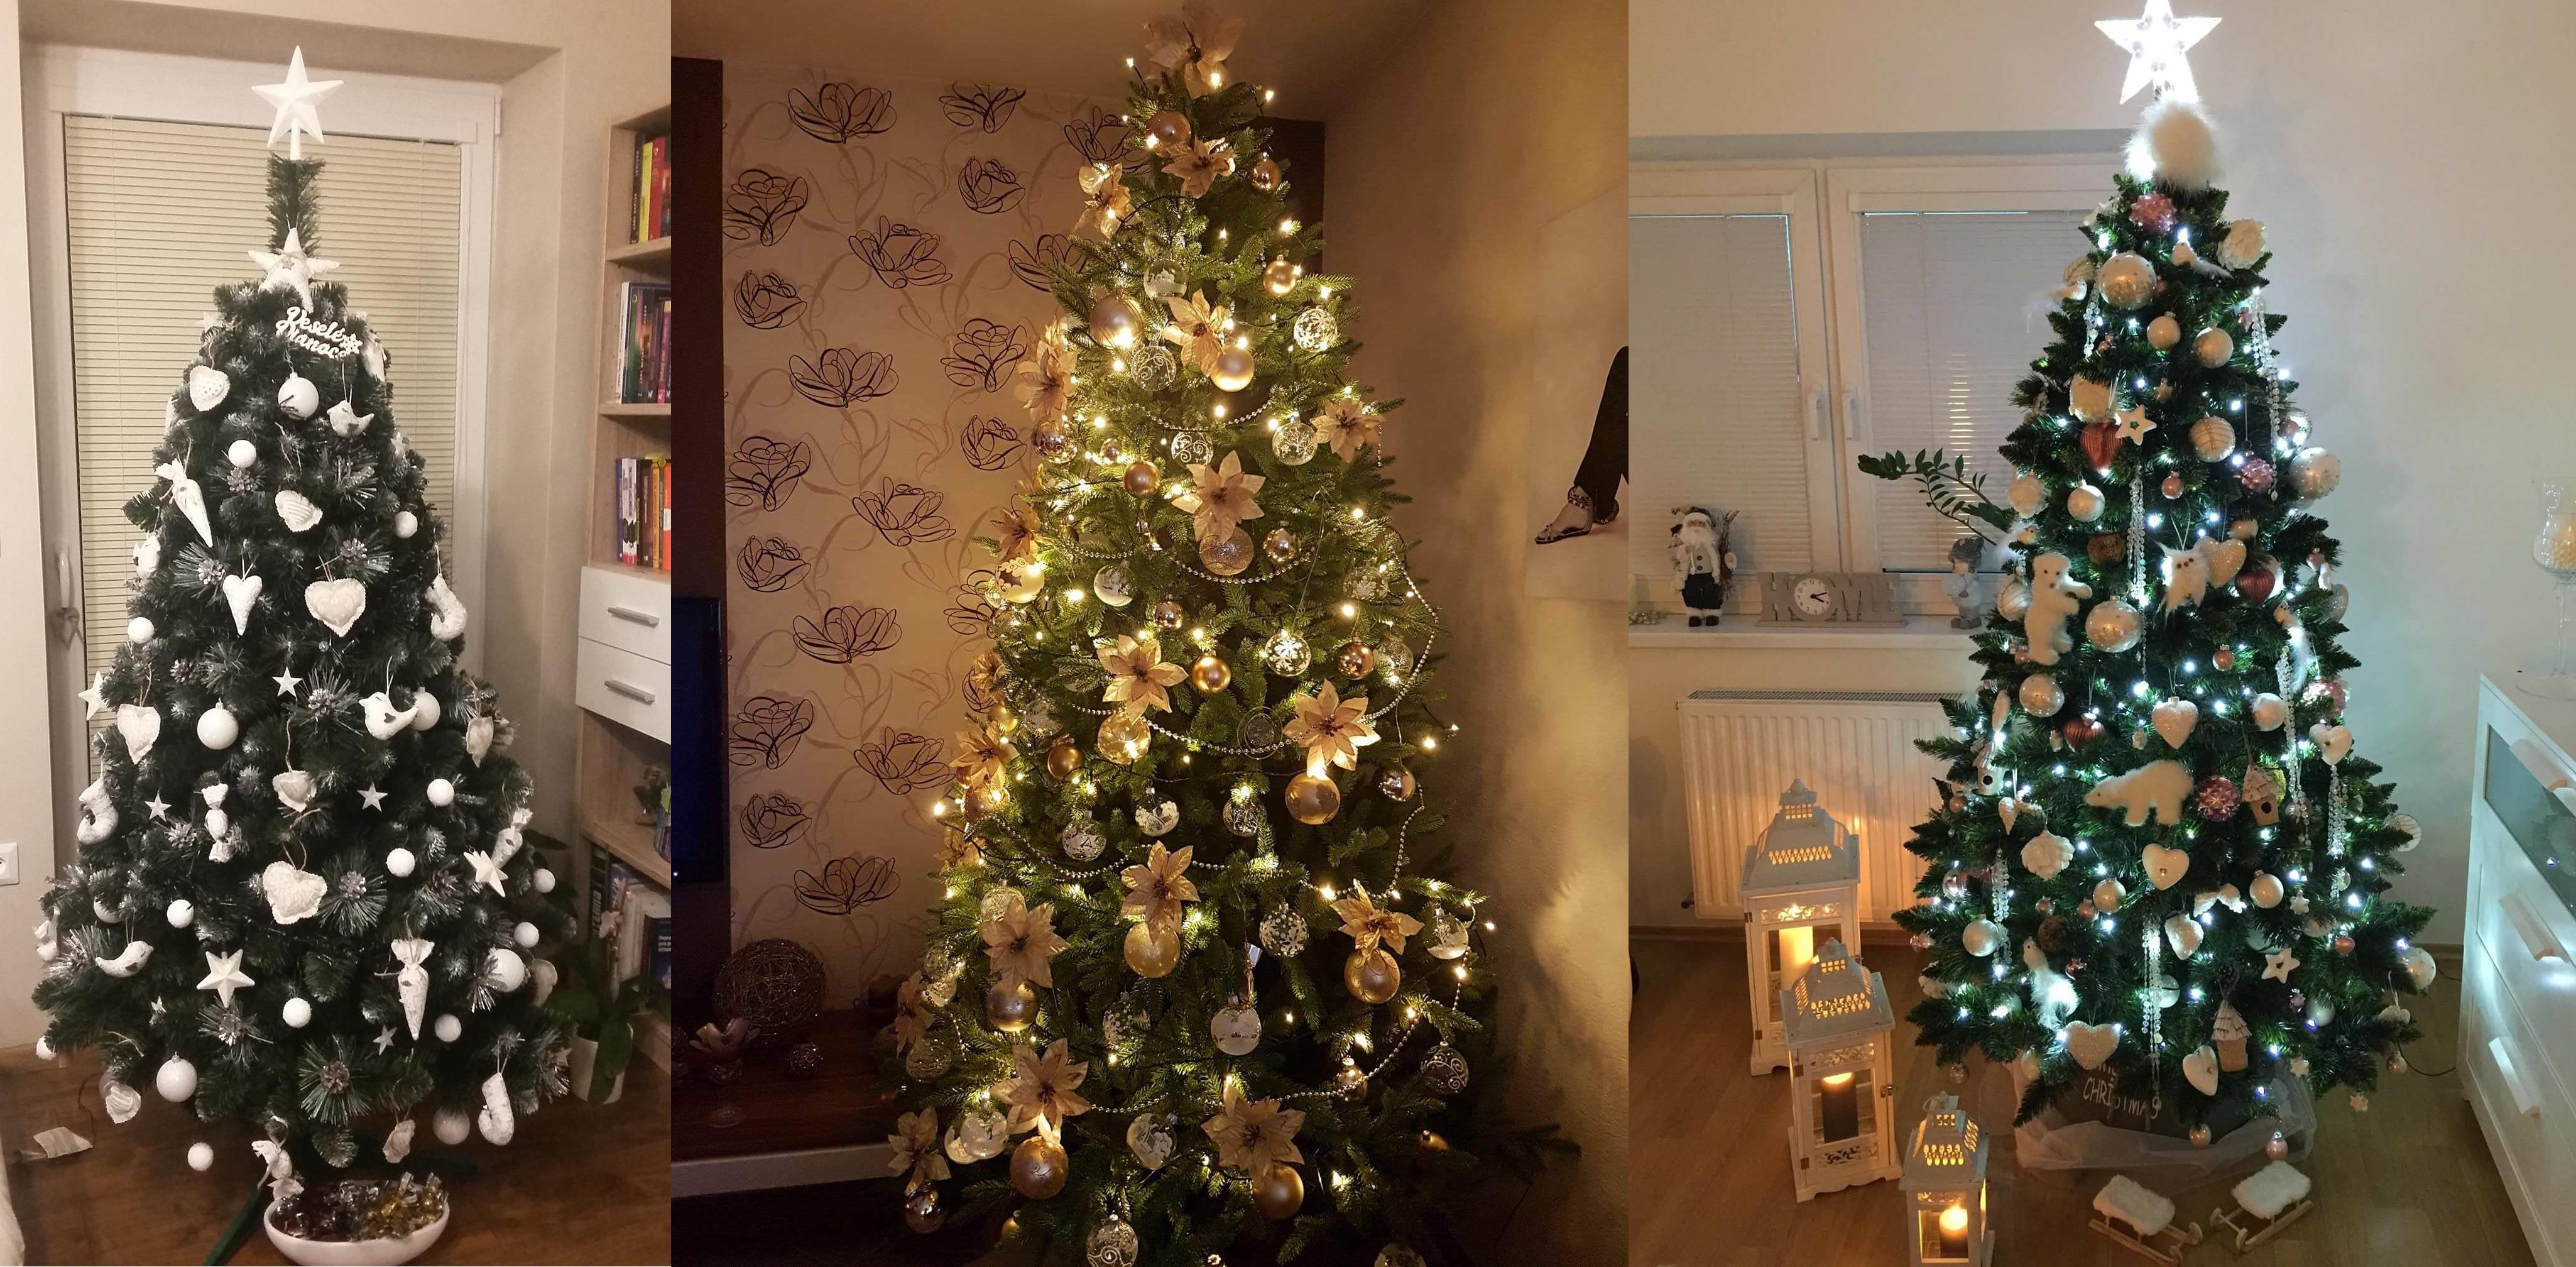 Na fotce su 3 ozdobené vánočně stromky. Z levé strany je do bílá vyzdoben, uprostřed je stromeček vyzdoben do zlata a na pravo je také do bílá vyzdobený umělý vánoční stromek.